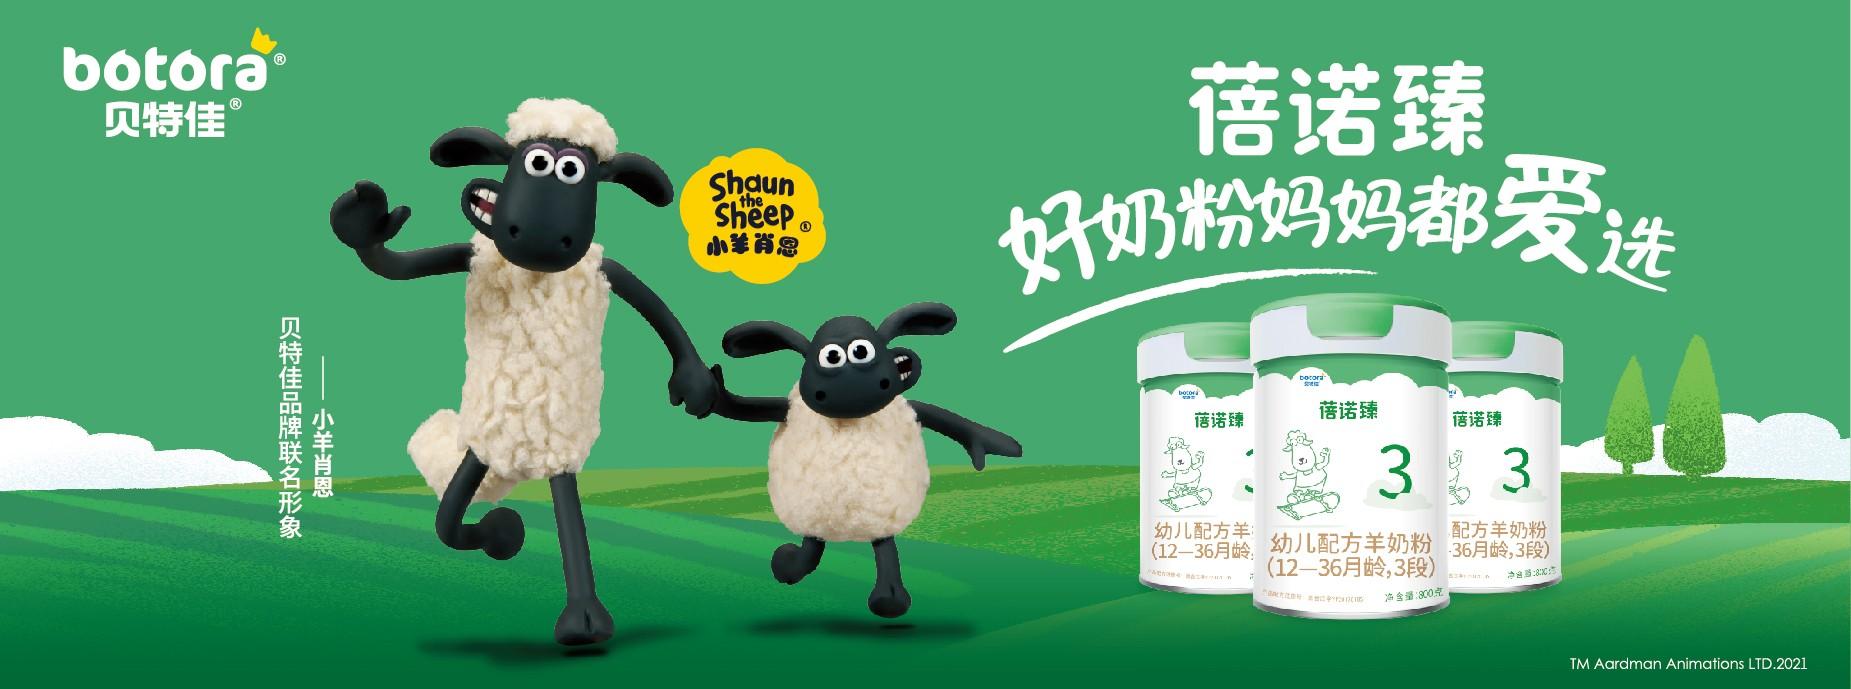 国产奶粉崛起之势迅猛,贝特佳携硬核产品蓓诺臻羊奶粉创新突围